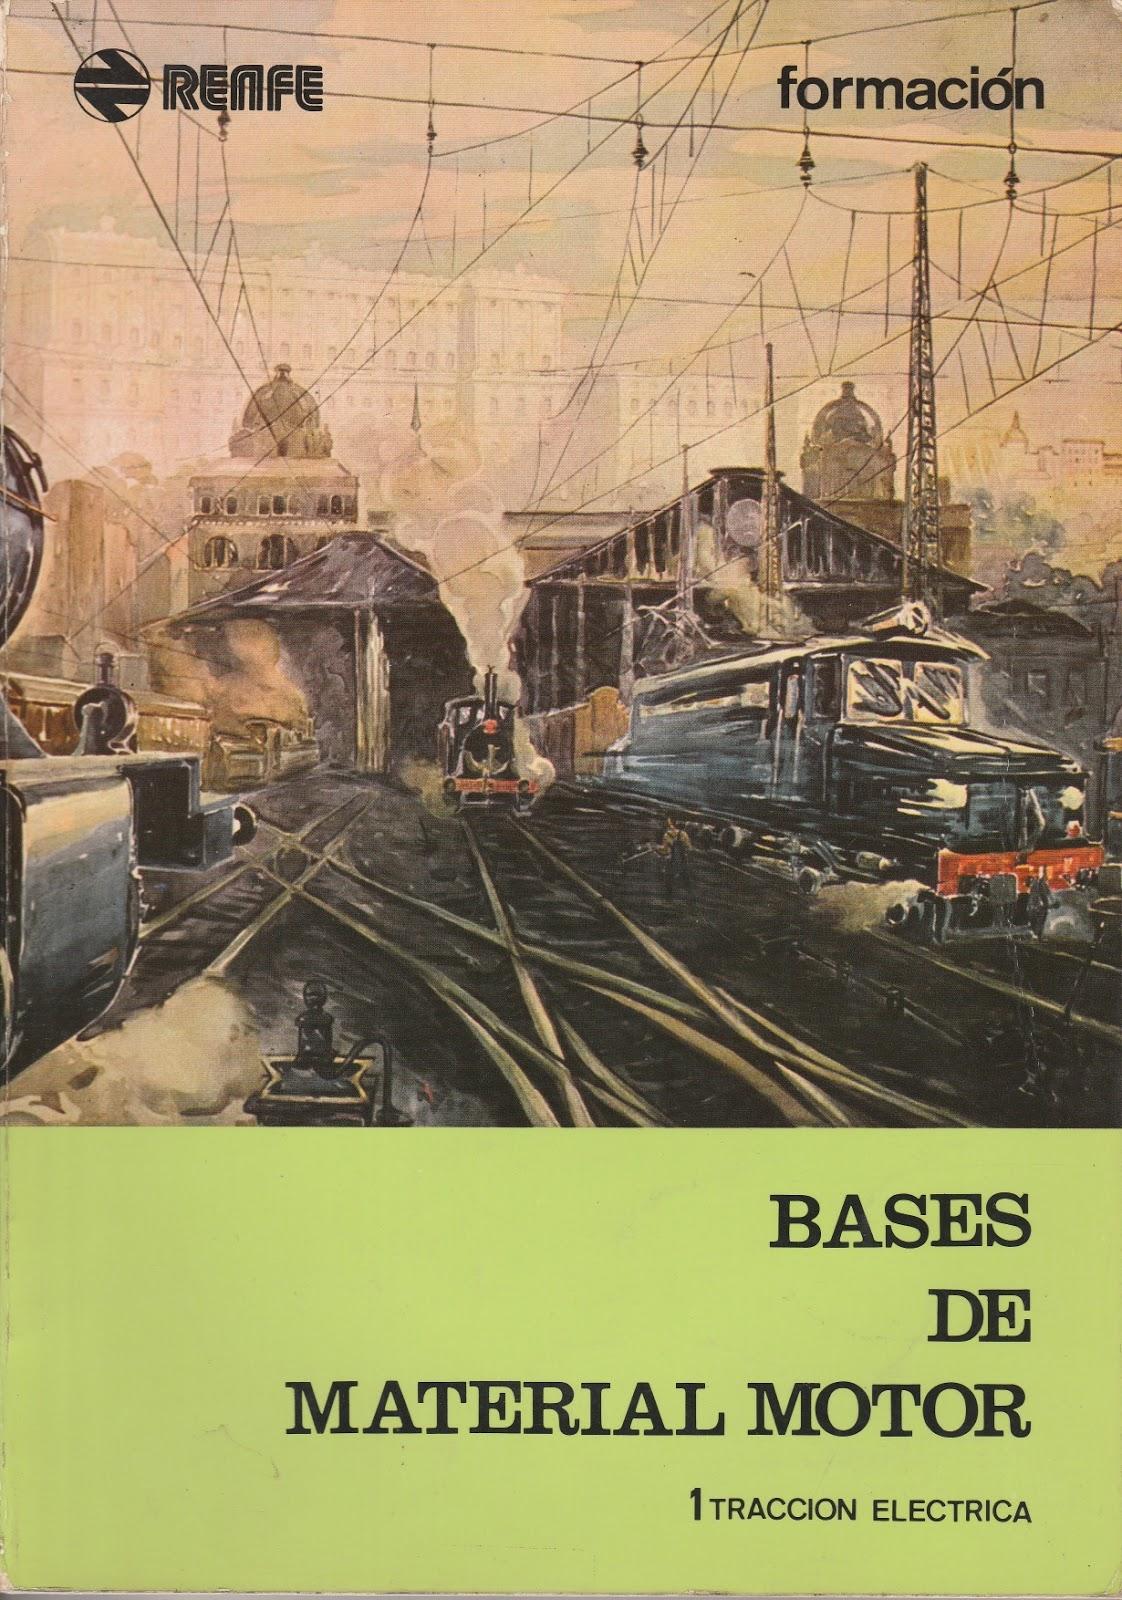 2 Llibres de formació de la RENFE, donats al Club Ferroviari de Terrassa